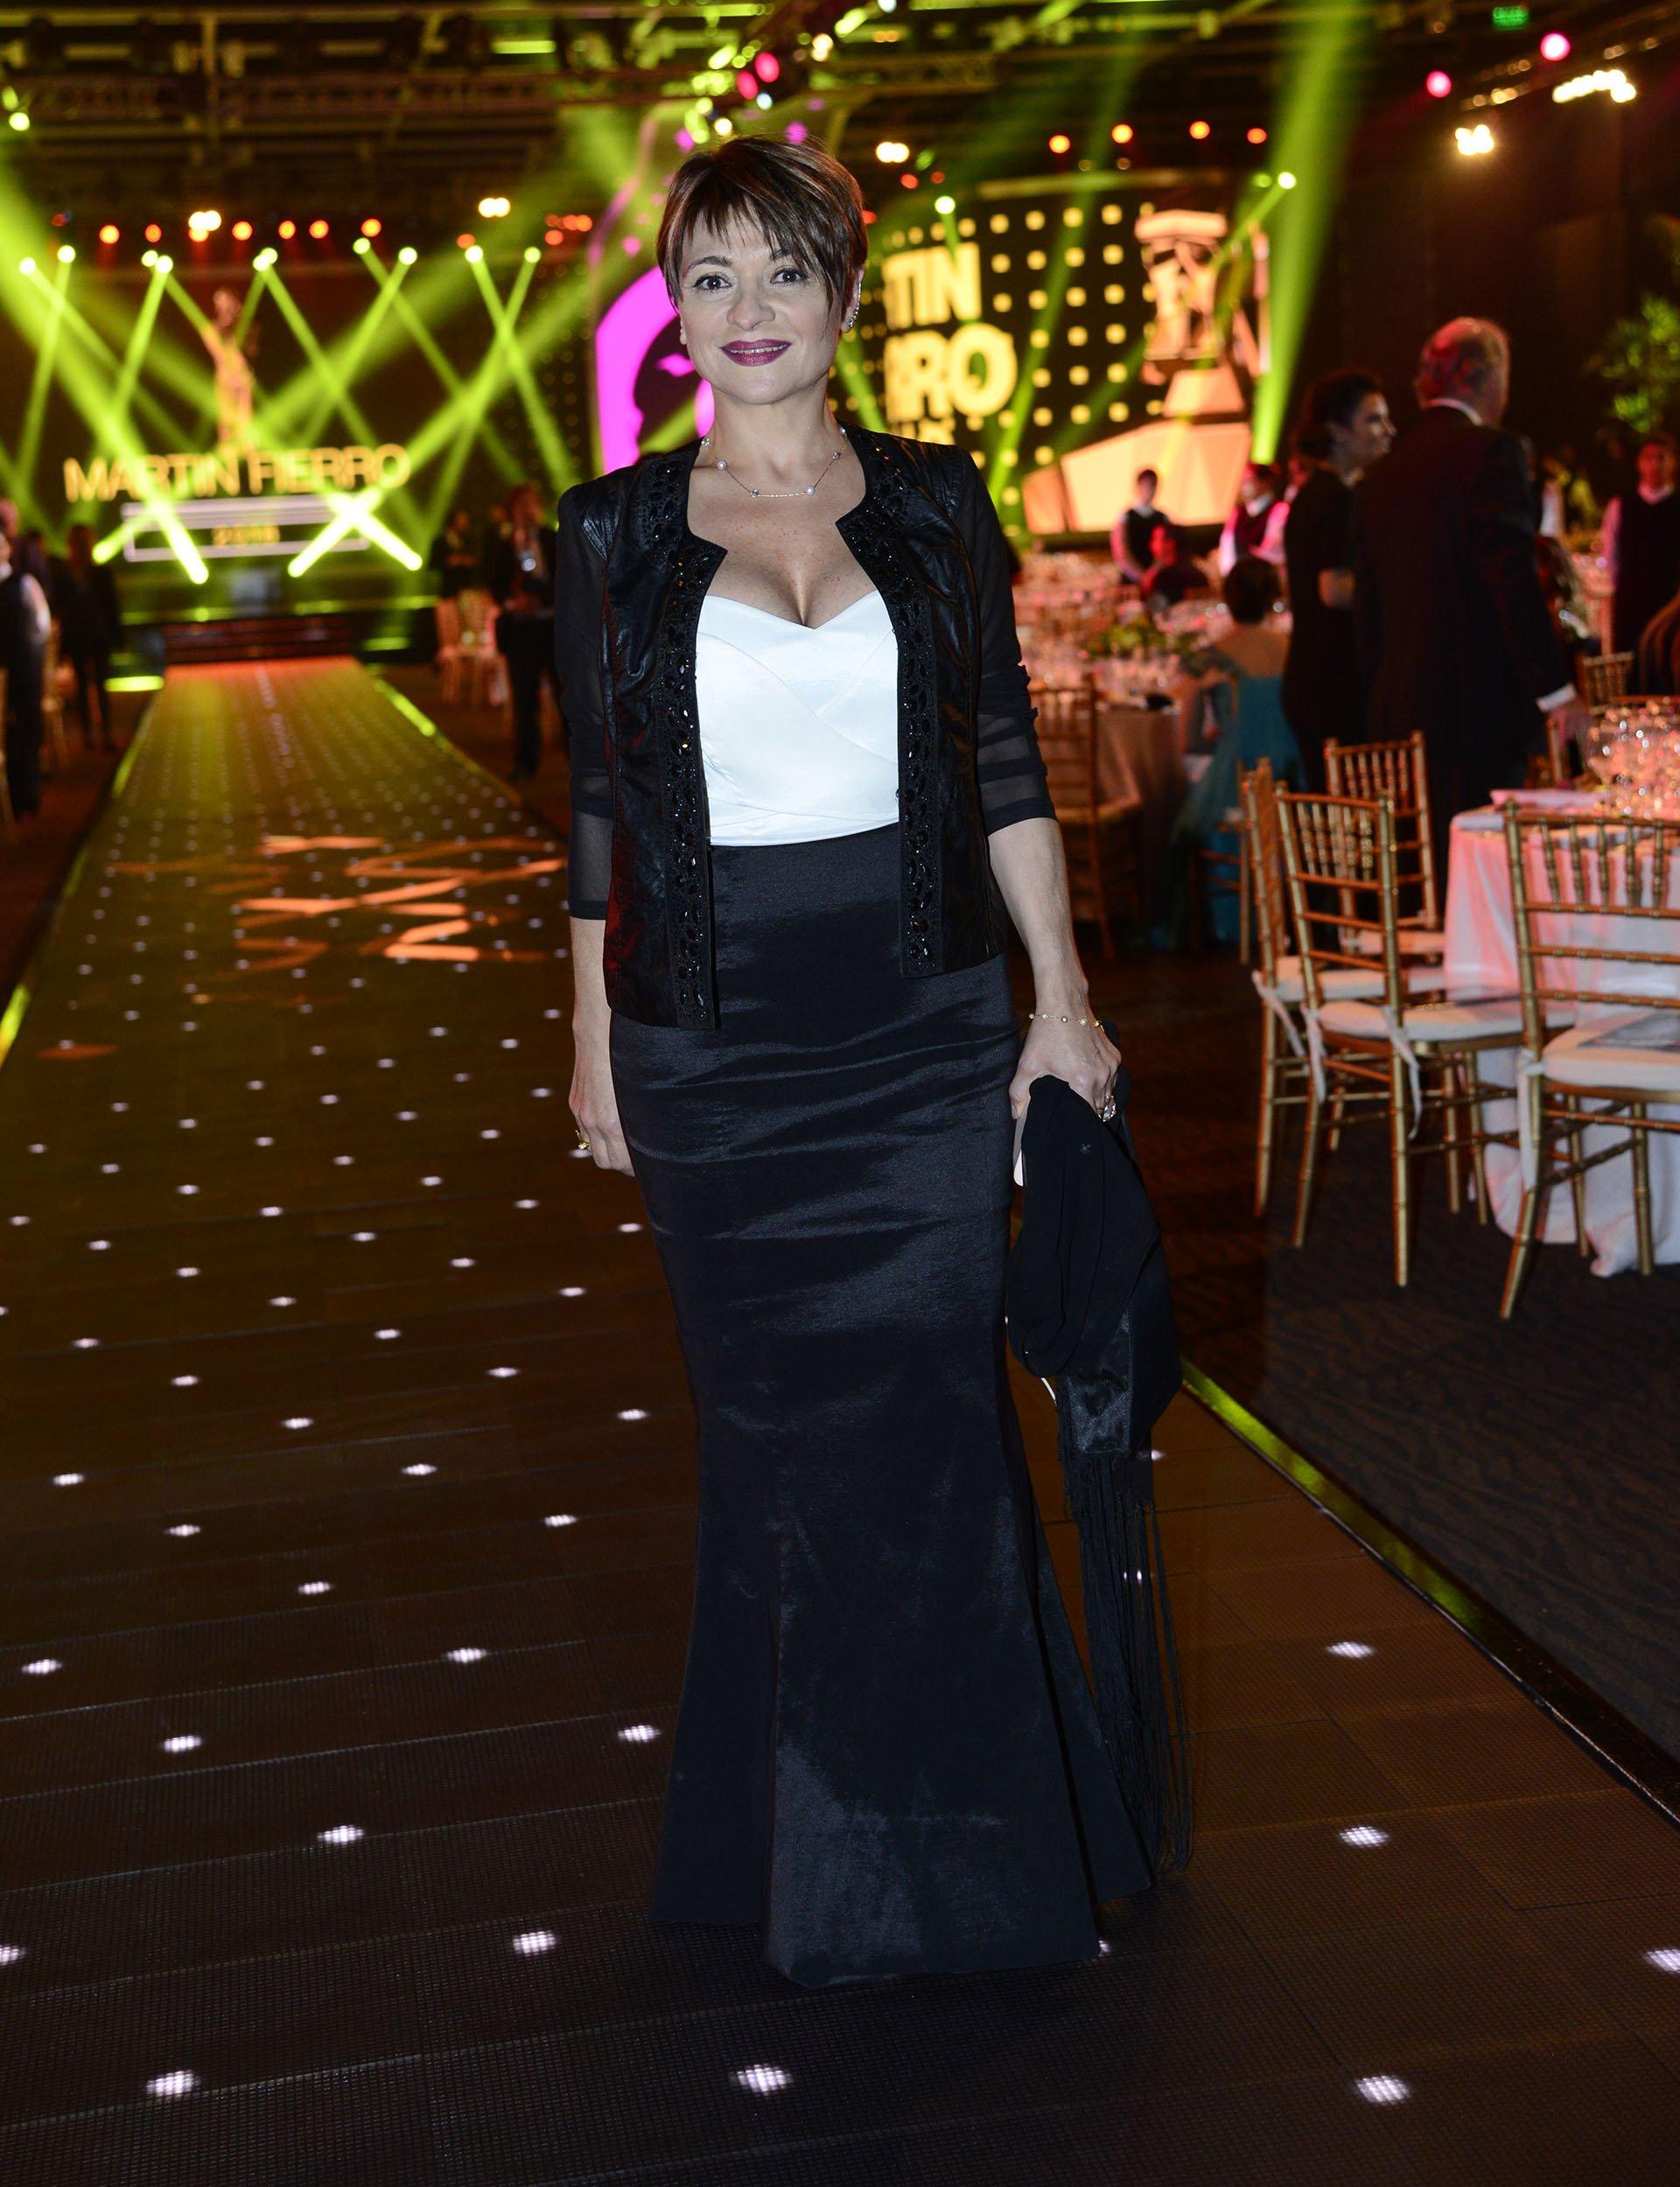 La locutora de Marcelo Tinelli y panelista reconocida, una de las figuras del espectáculo presentes en la noche de la celebración convocada por APTRA.